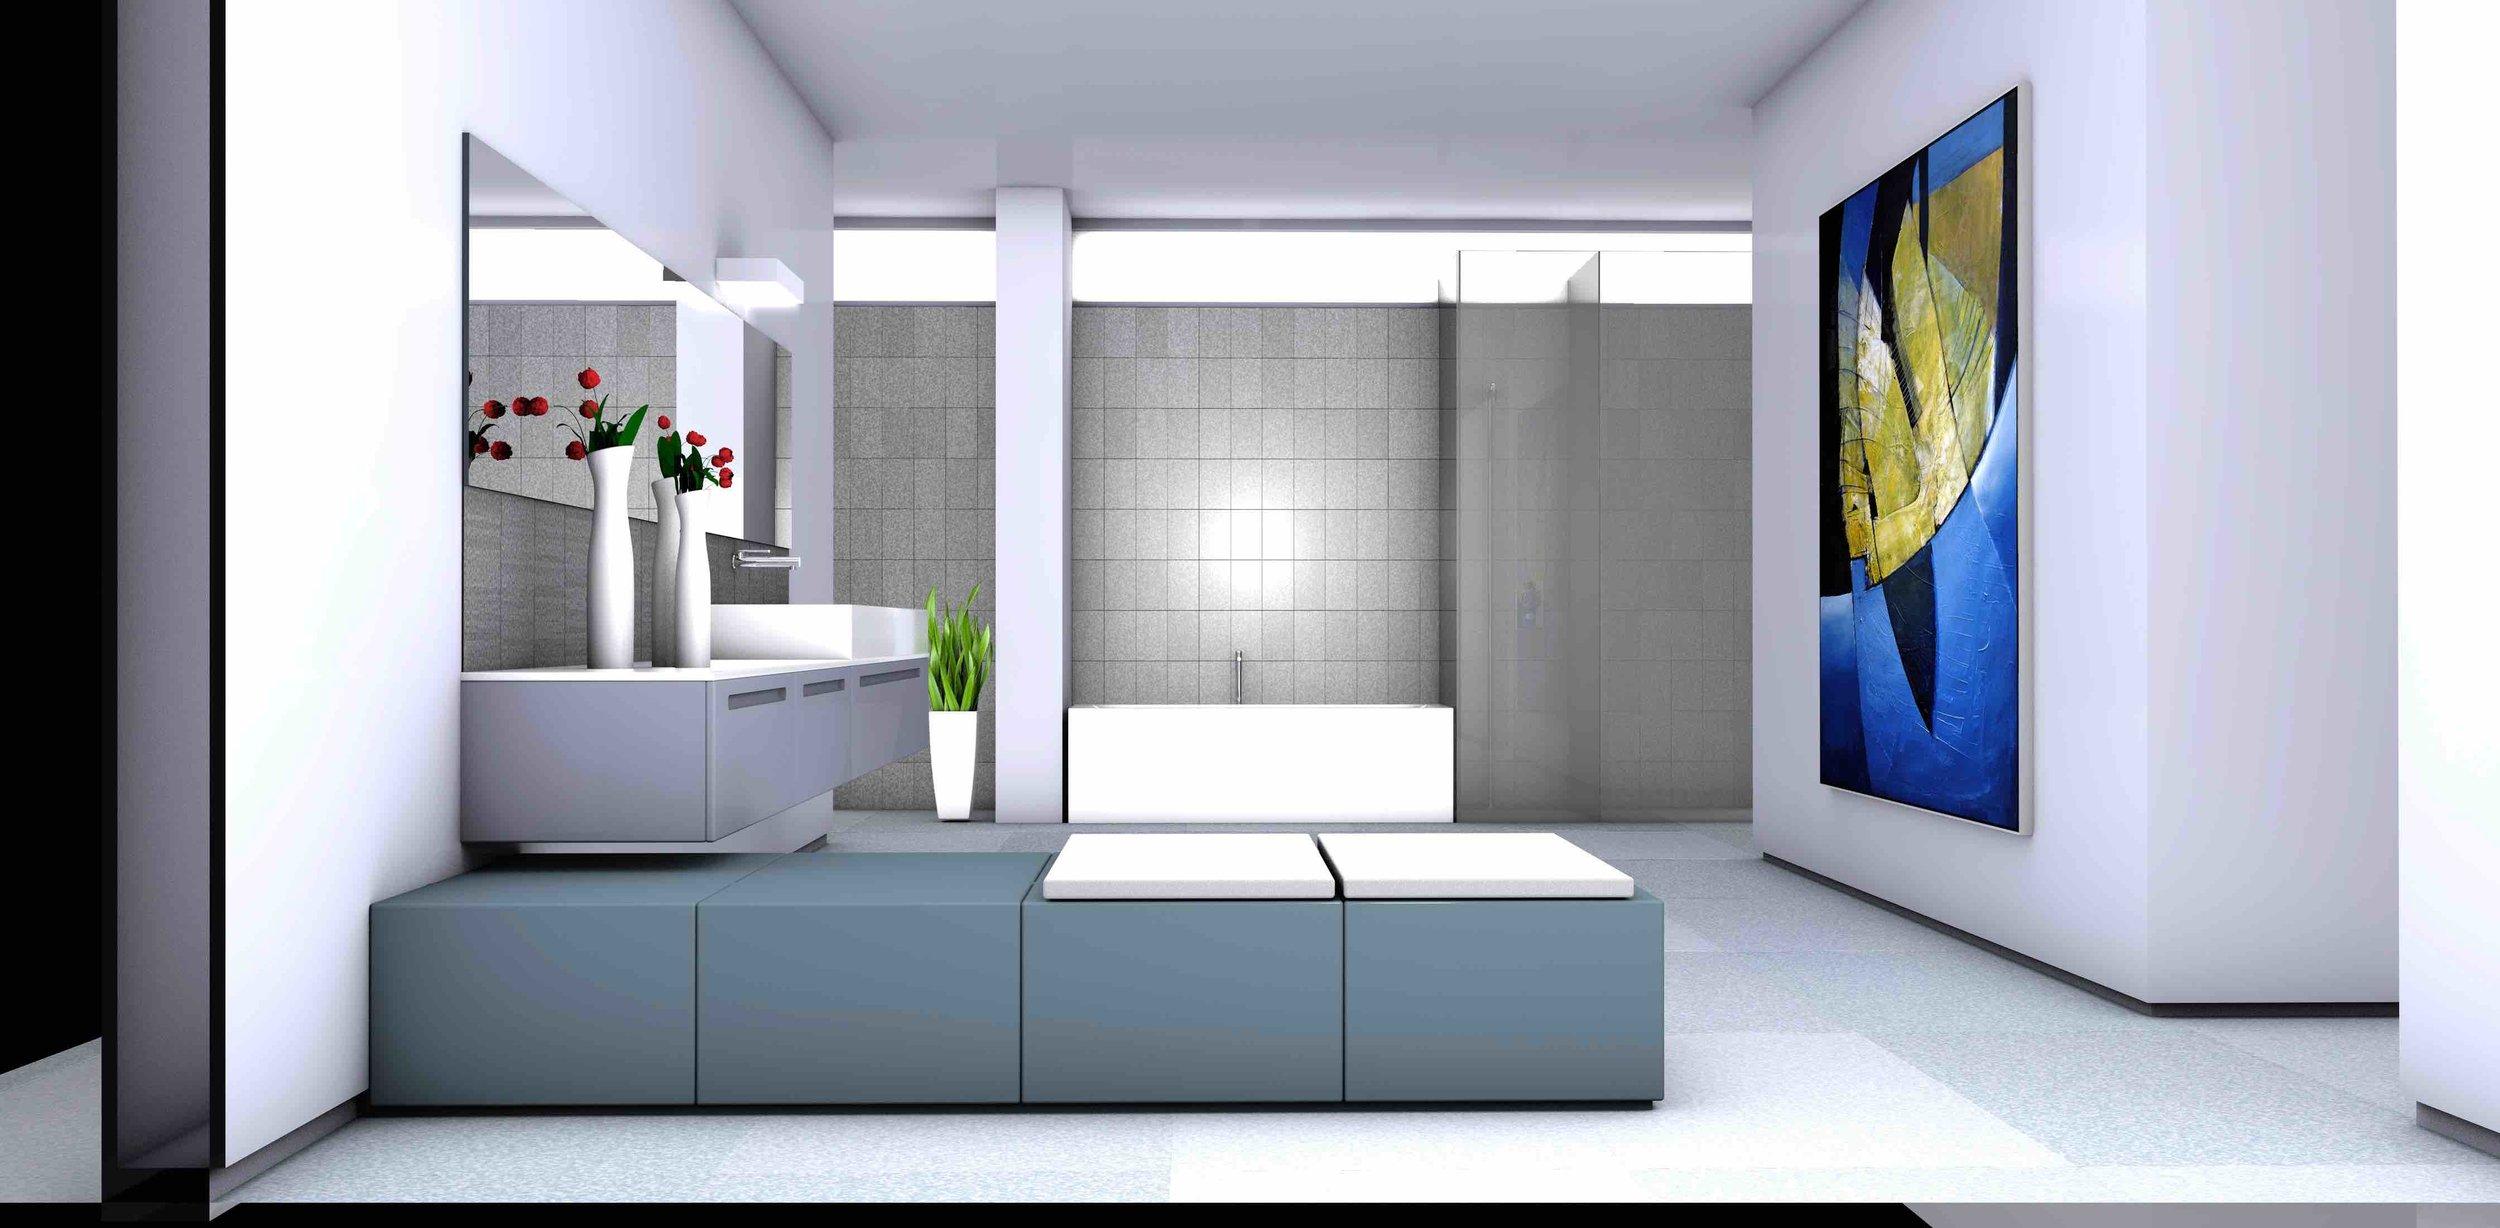 interior design: texturing & rendering